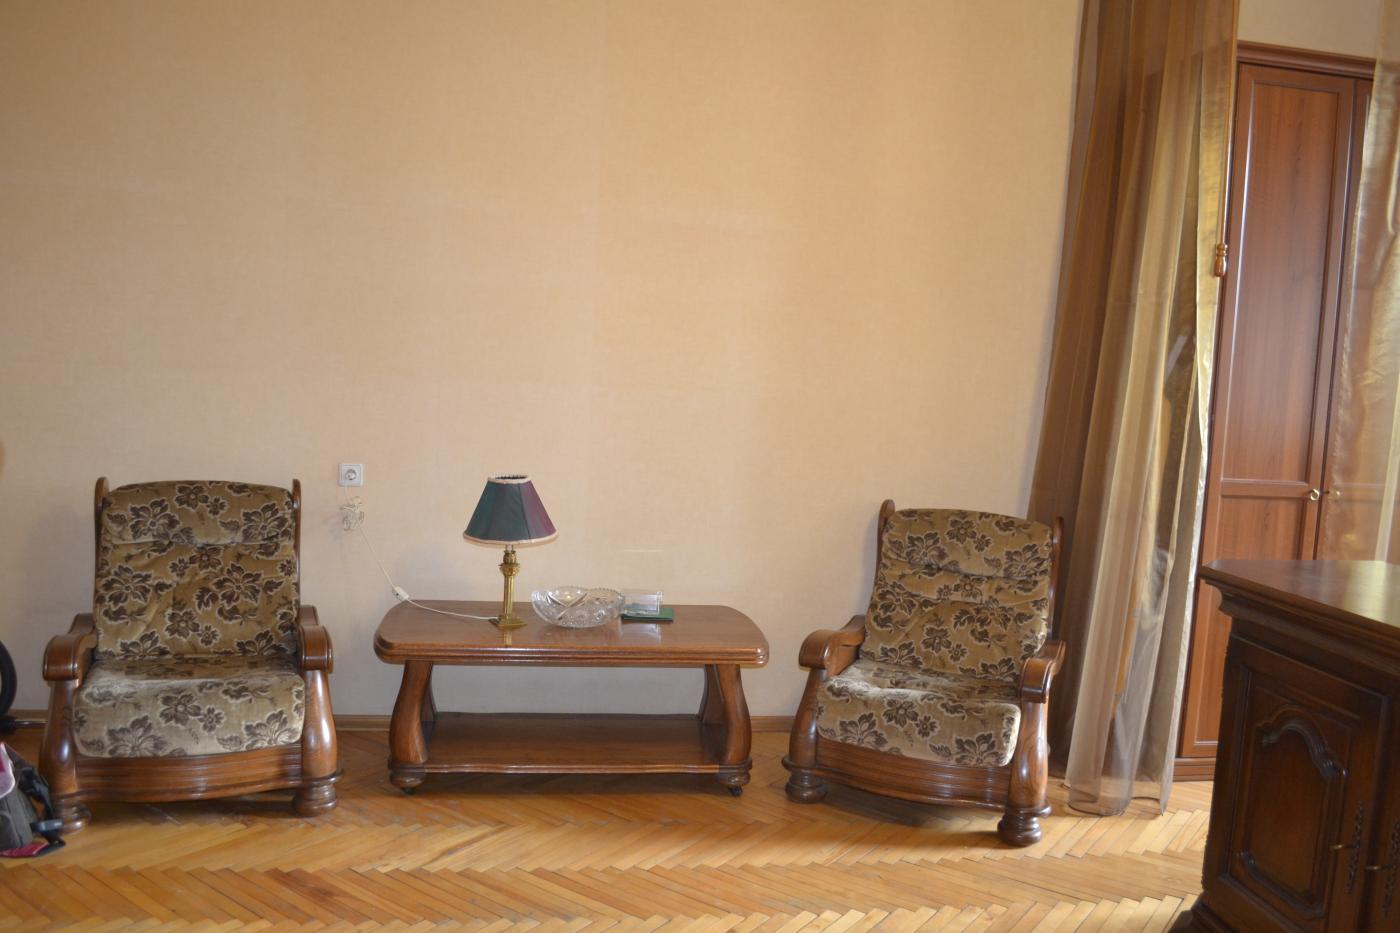 1-комнатная квартира посуточно (вариант № 1681), ул. Лермонтовский проспект, фото № 2